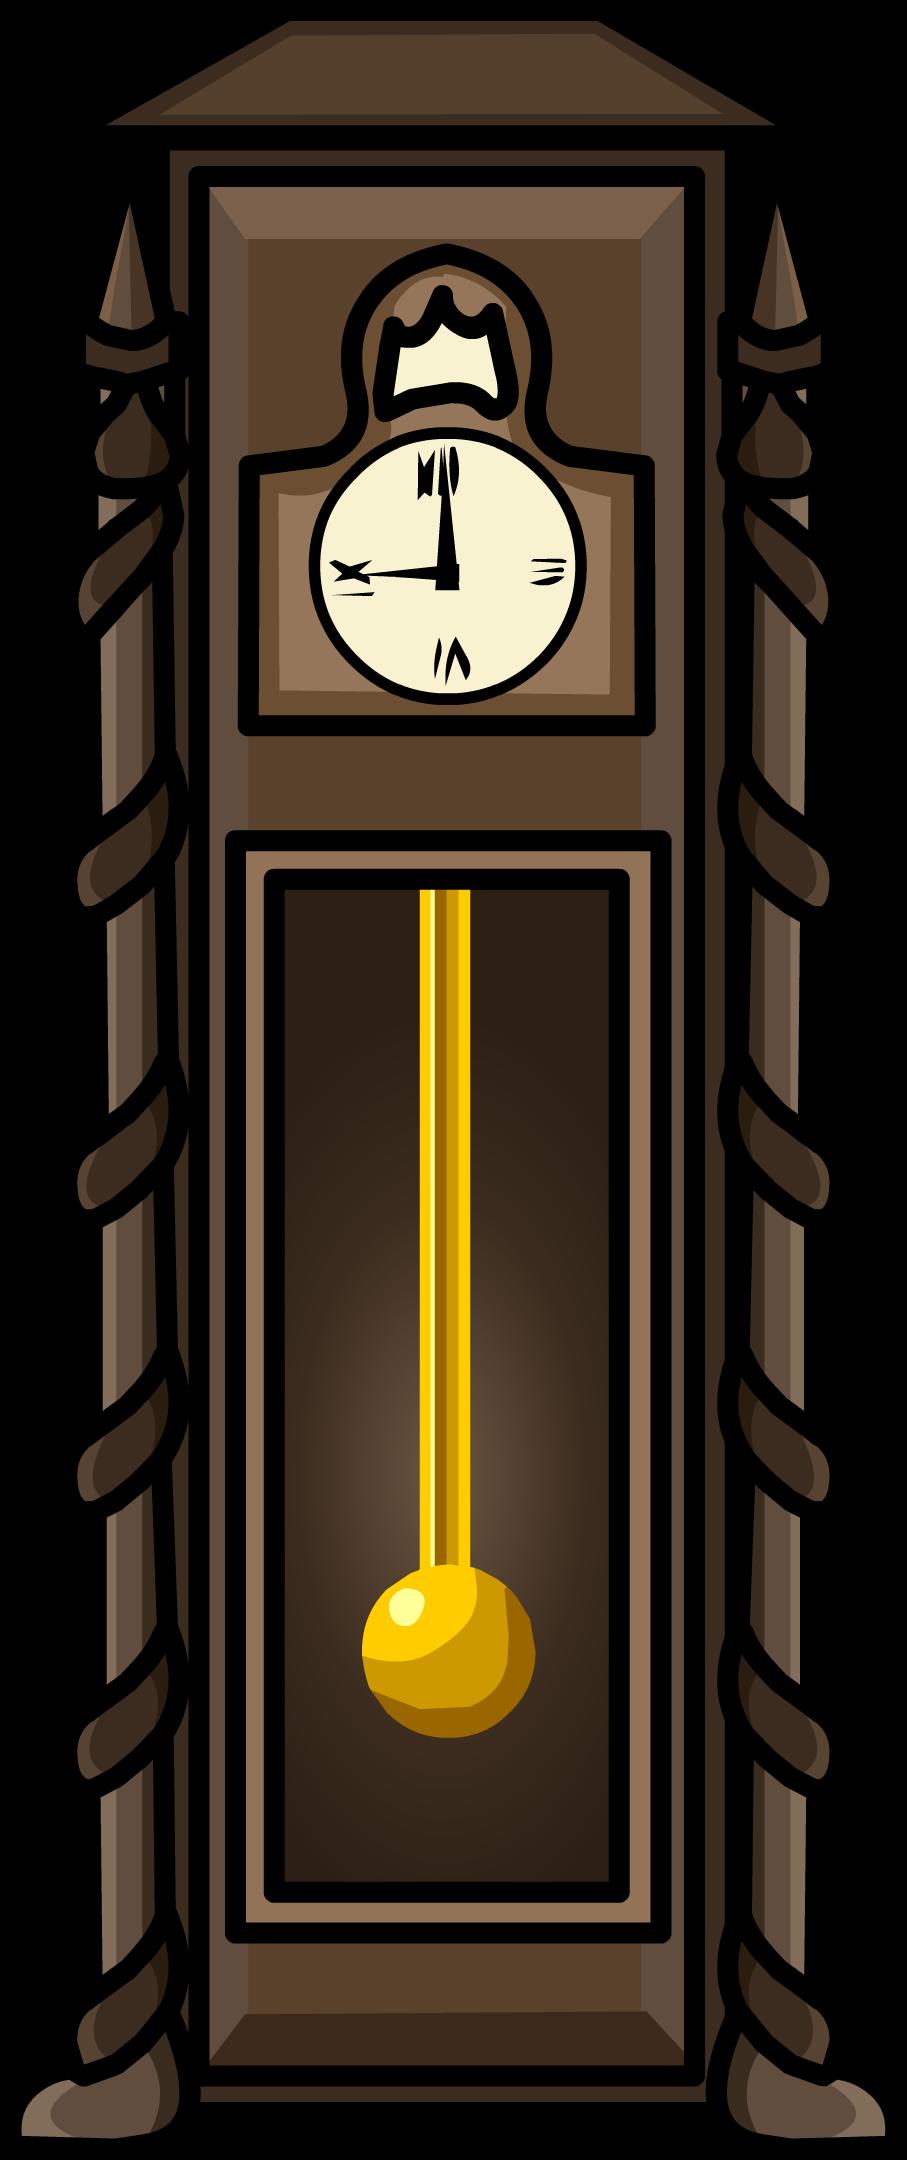 Antique Clock Furniture Icon